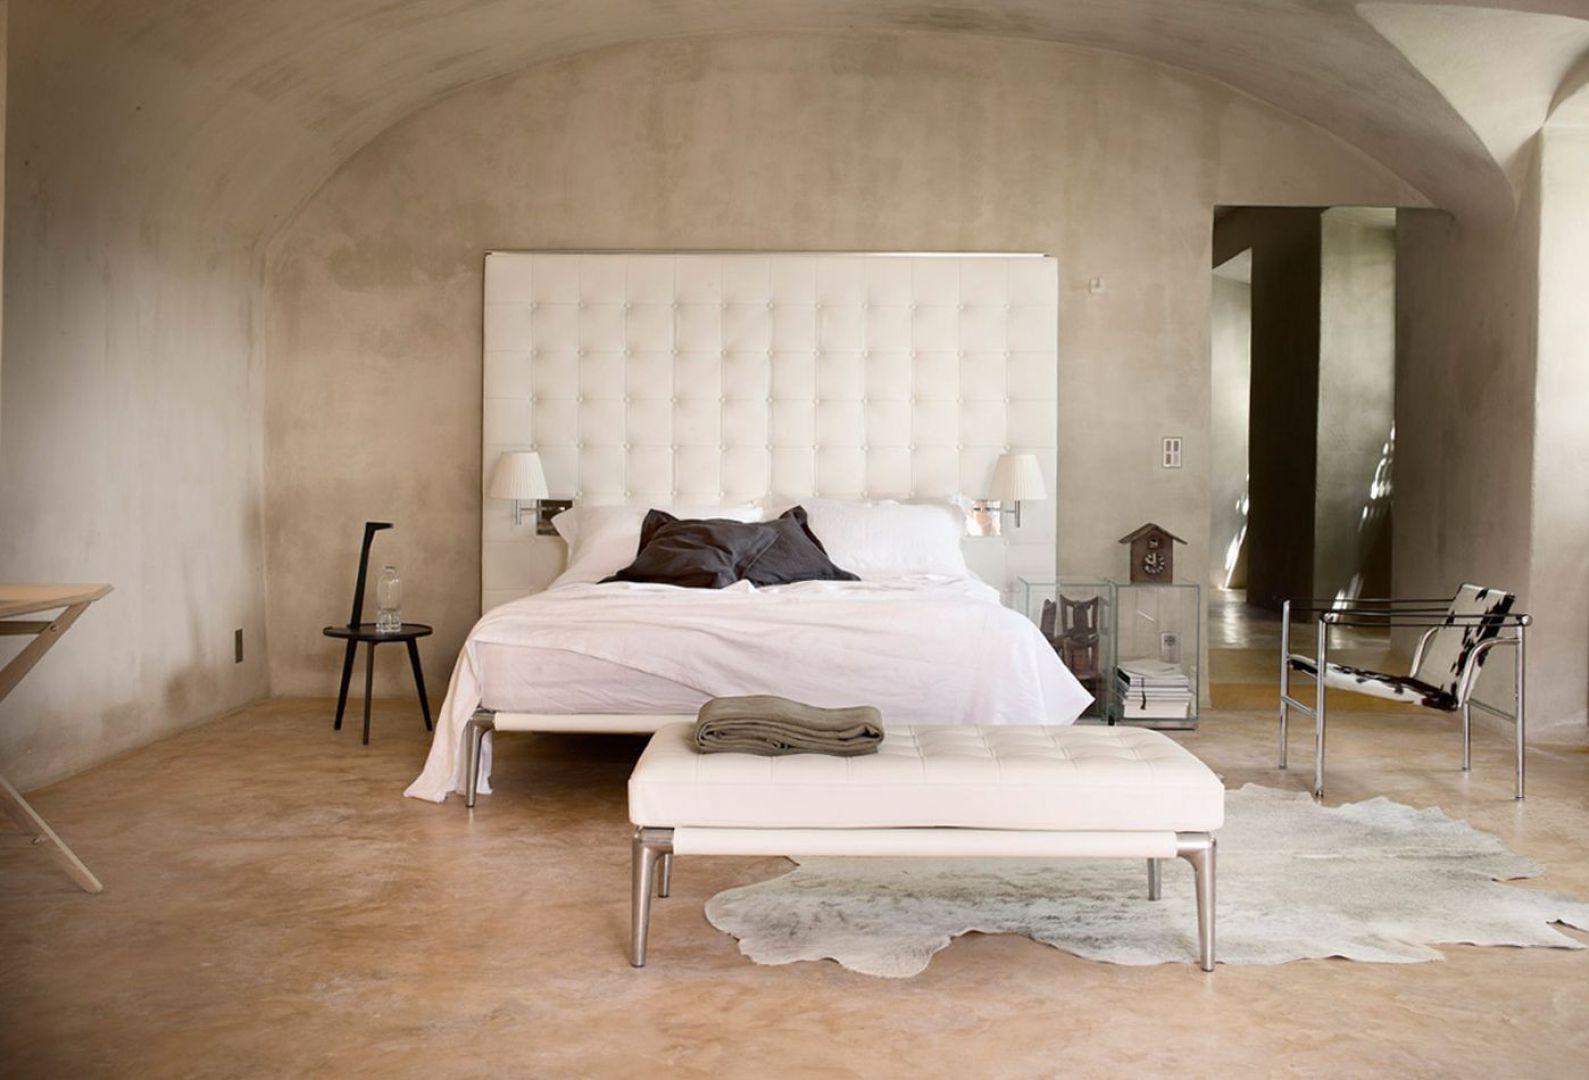 Łóżko Volage projektu P.Starck'a o eleganckim charakterze. Tapicerowany zagłówek dostępny jest w dwóch wersjach: niskiej i wysokiej. Fot. Cassina.